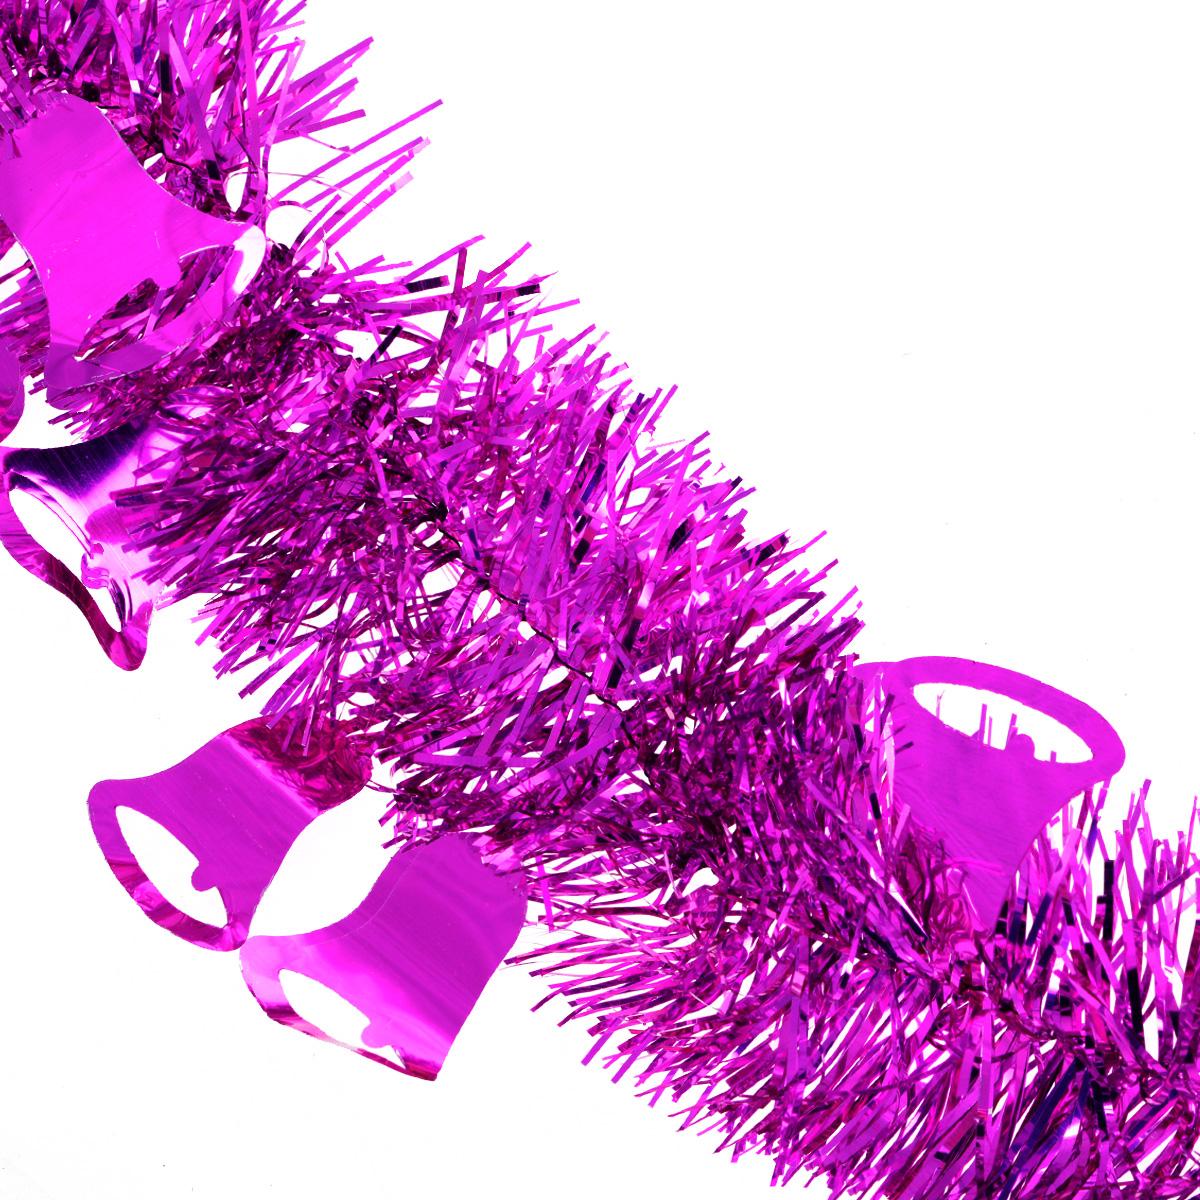 """Мишура новогодняя """"Sima-land"""", цвет: малиновый, диаметр 8 см, длина 2 м. 702594"""